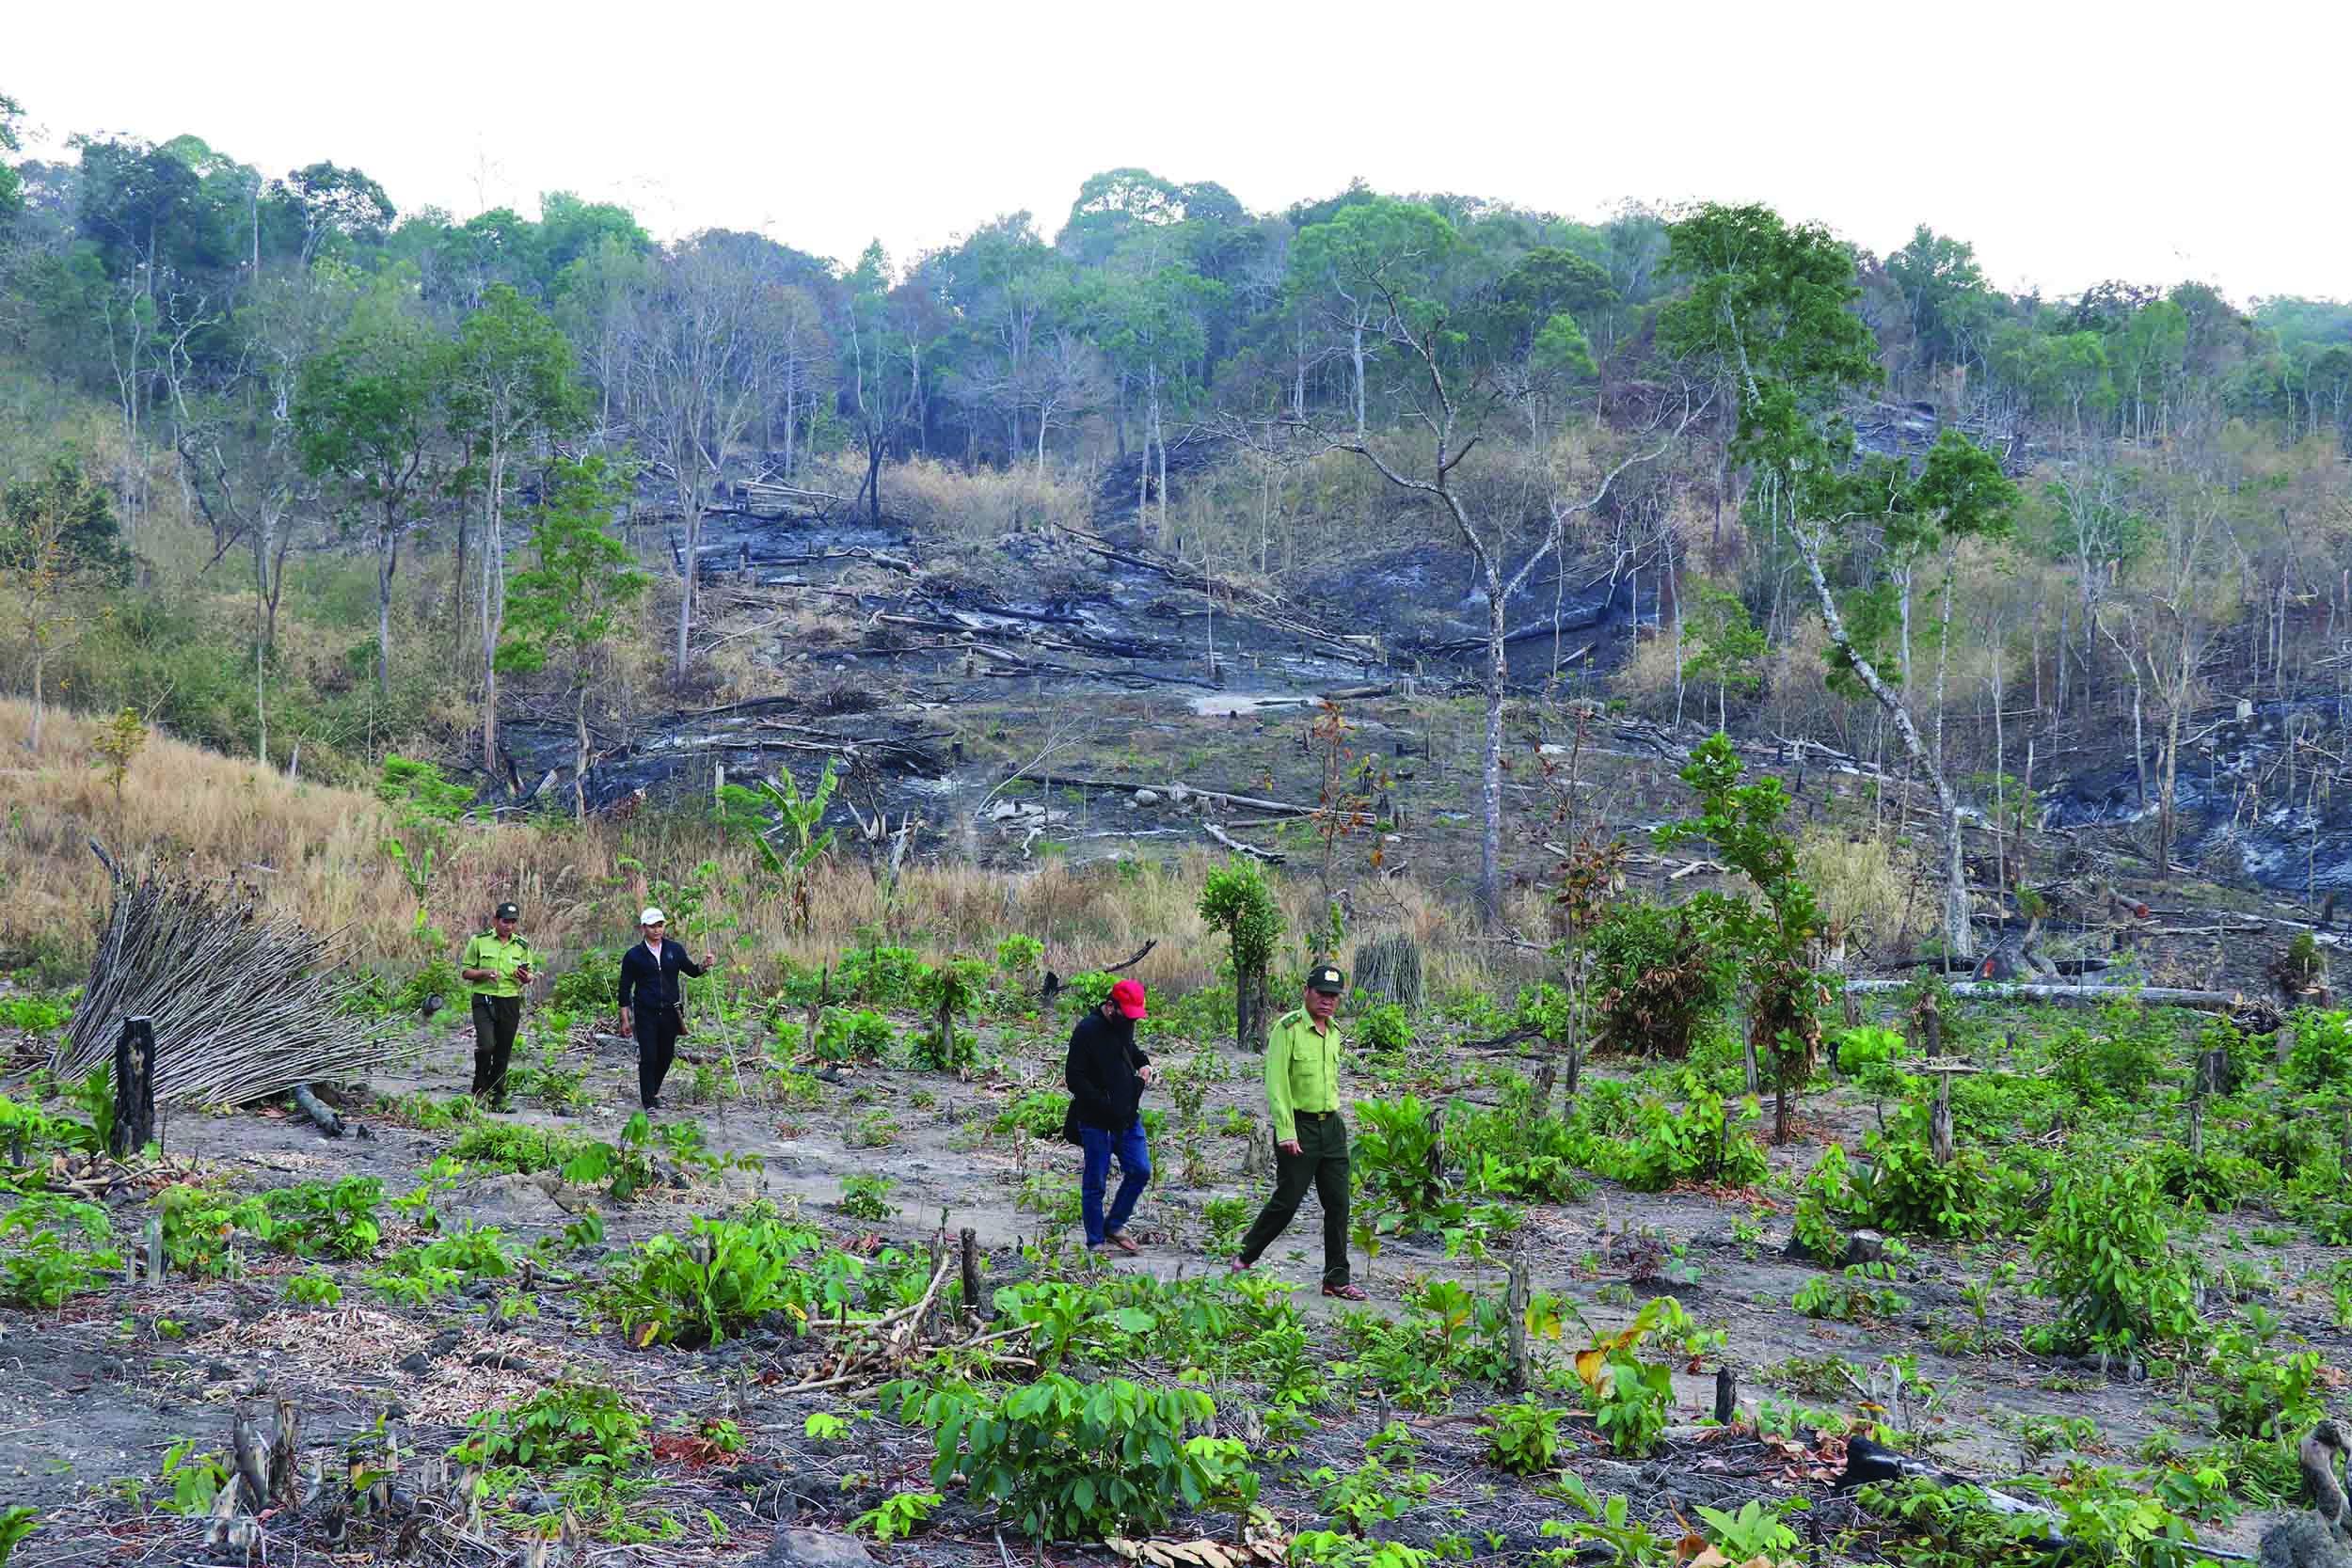 Lực lượng kiểm lâm tuần tra khu vực rừng ở Mang Yang.